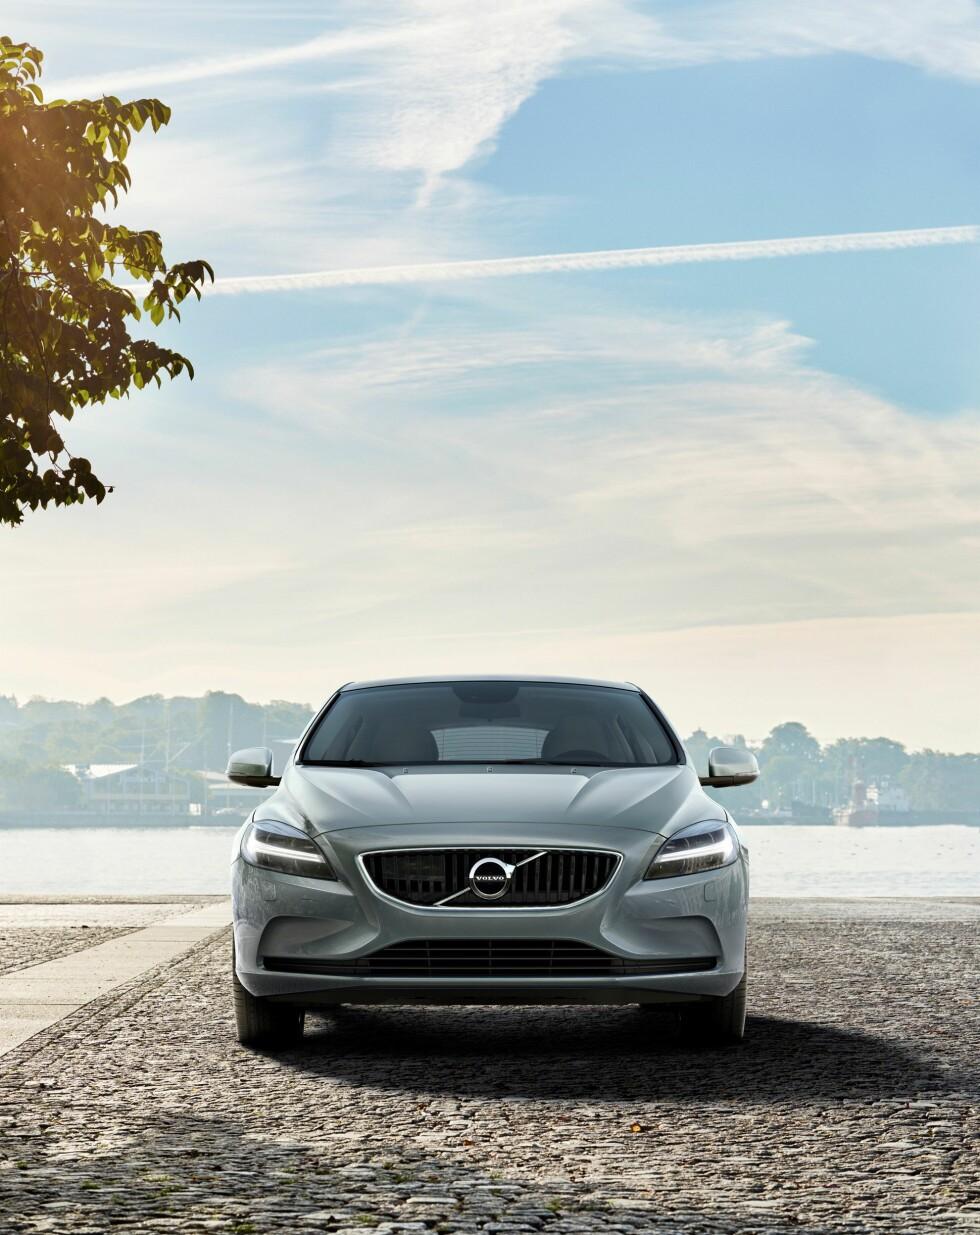 FRONT: Den nye fronten til Volvo er på V40 krympet litt i forhold til dens søsken i XC90 og S90. Foto: VOLVO